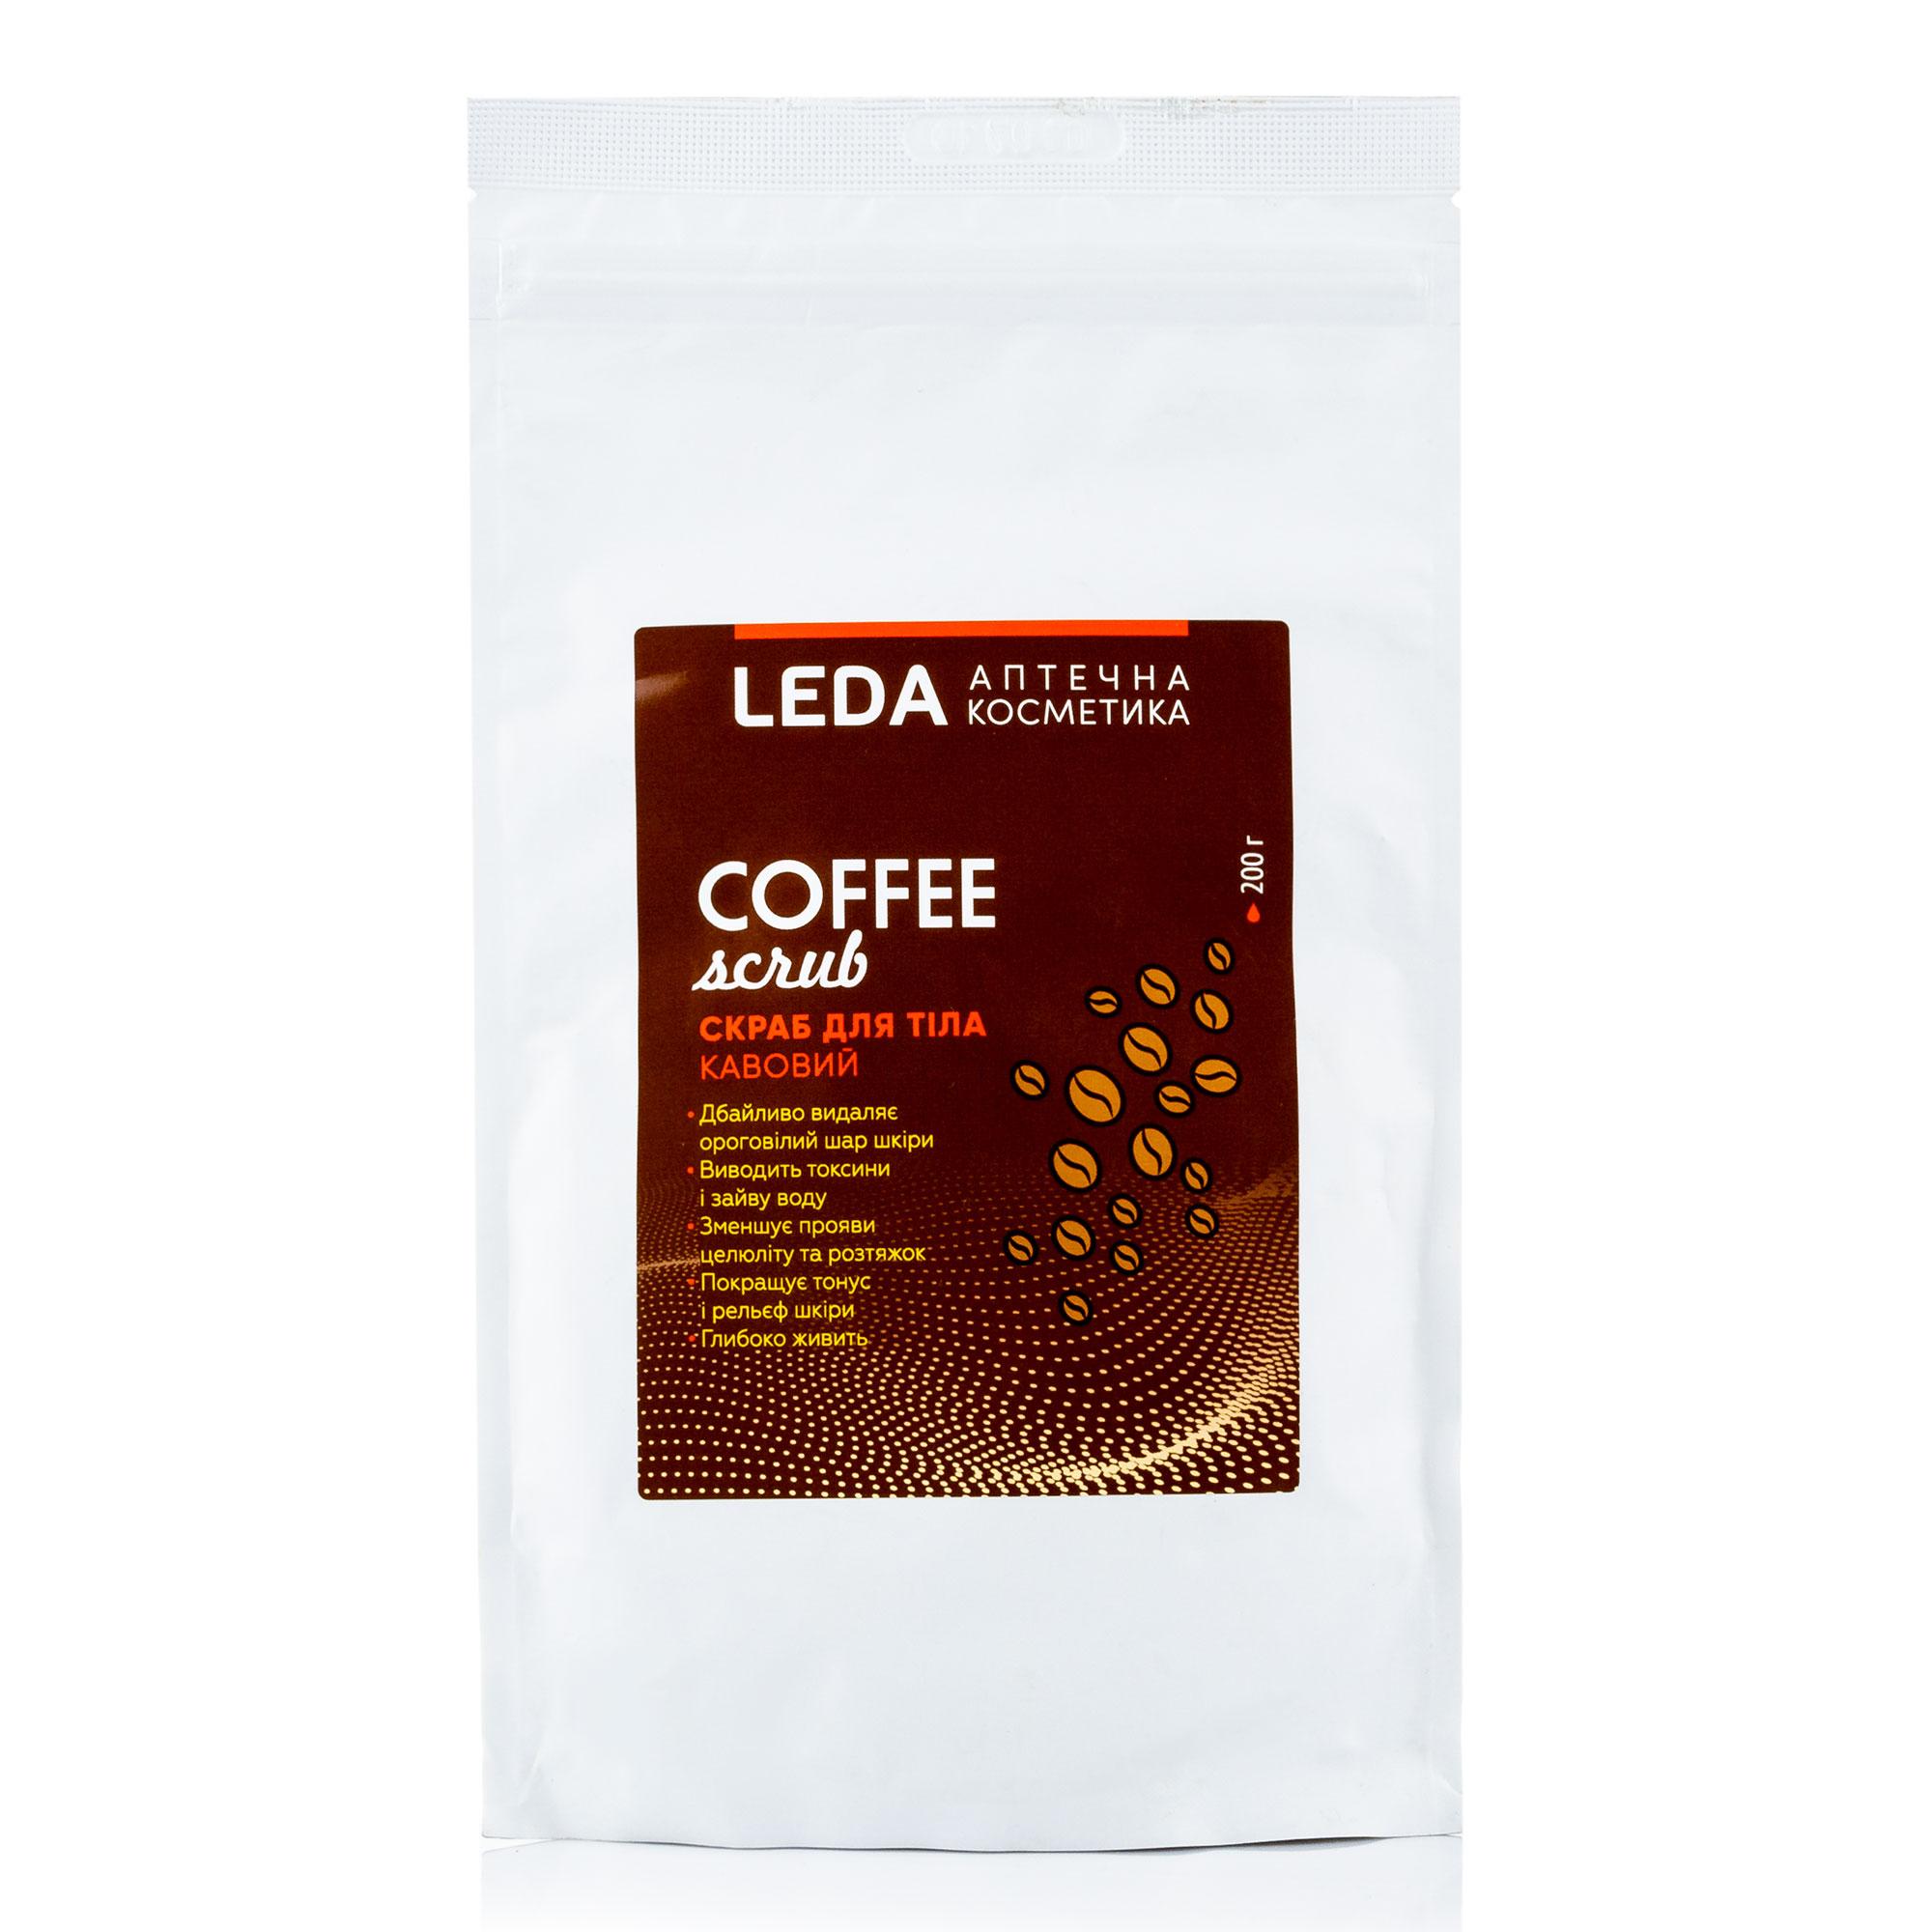 Скраб для тіла кавовий